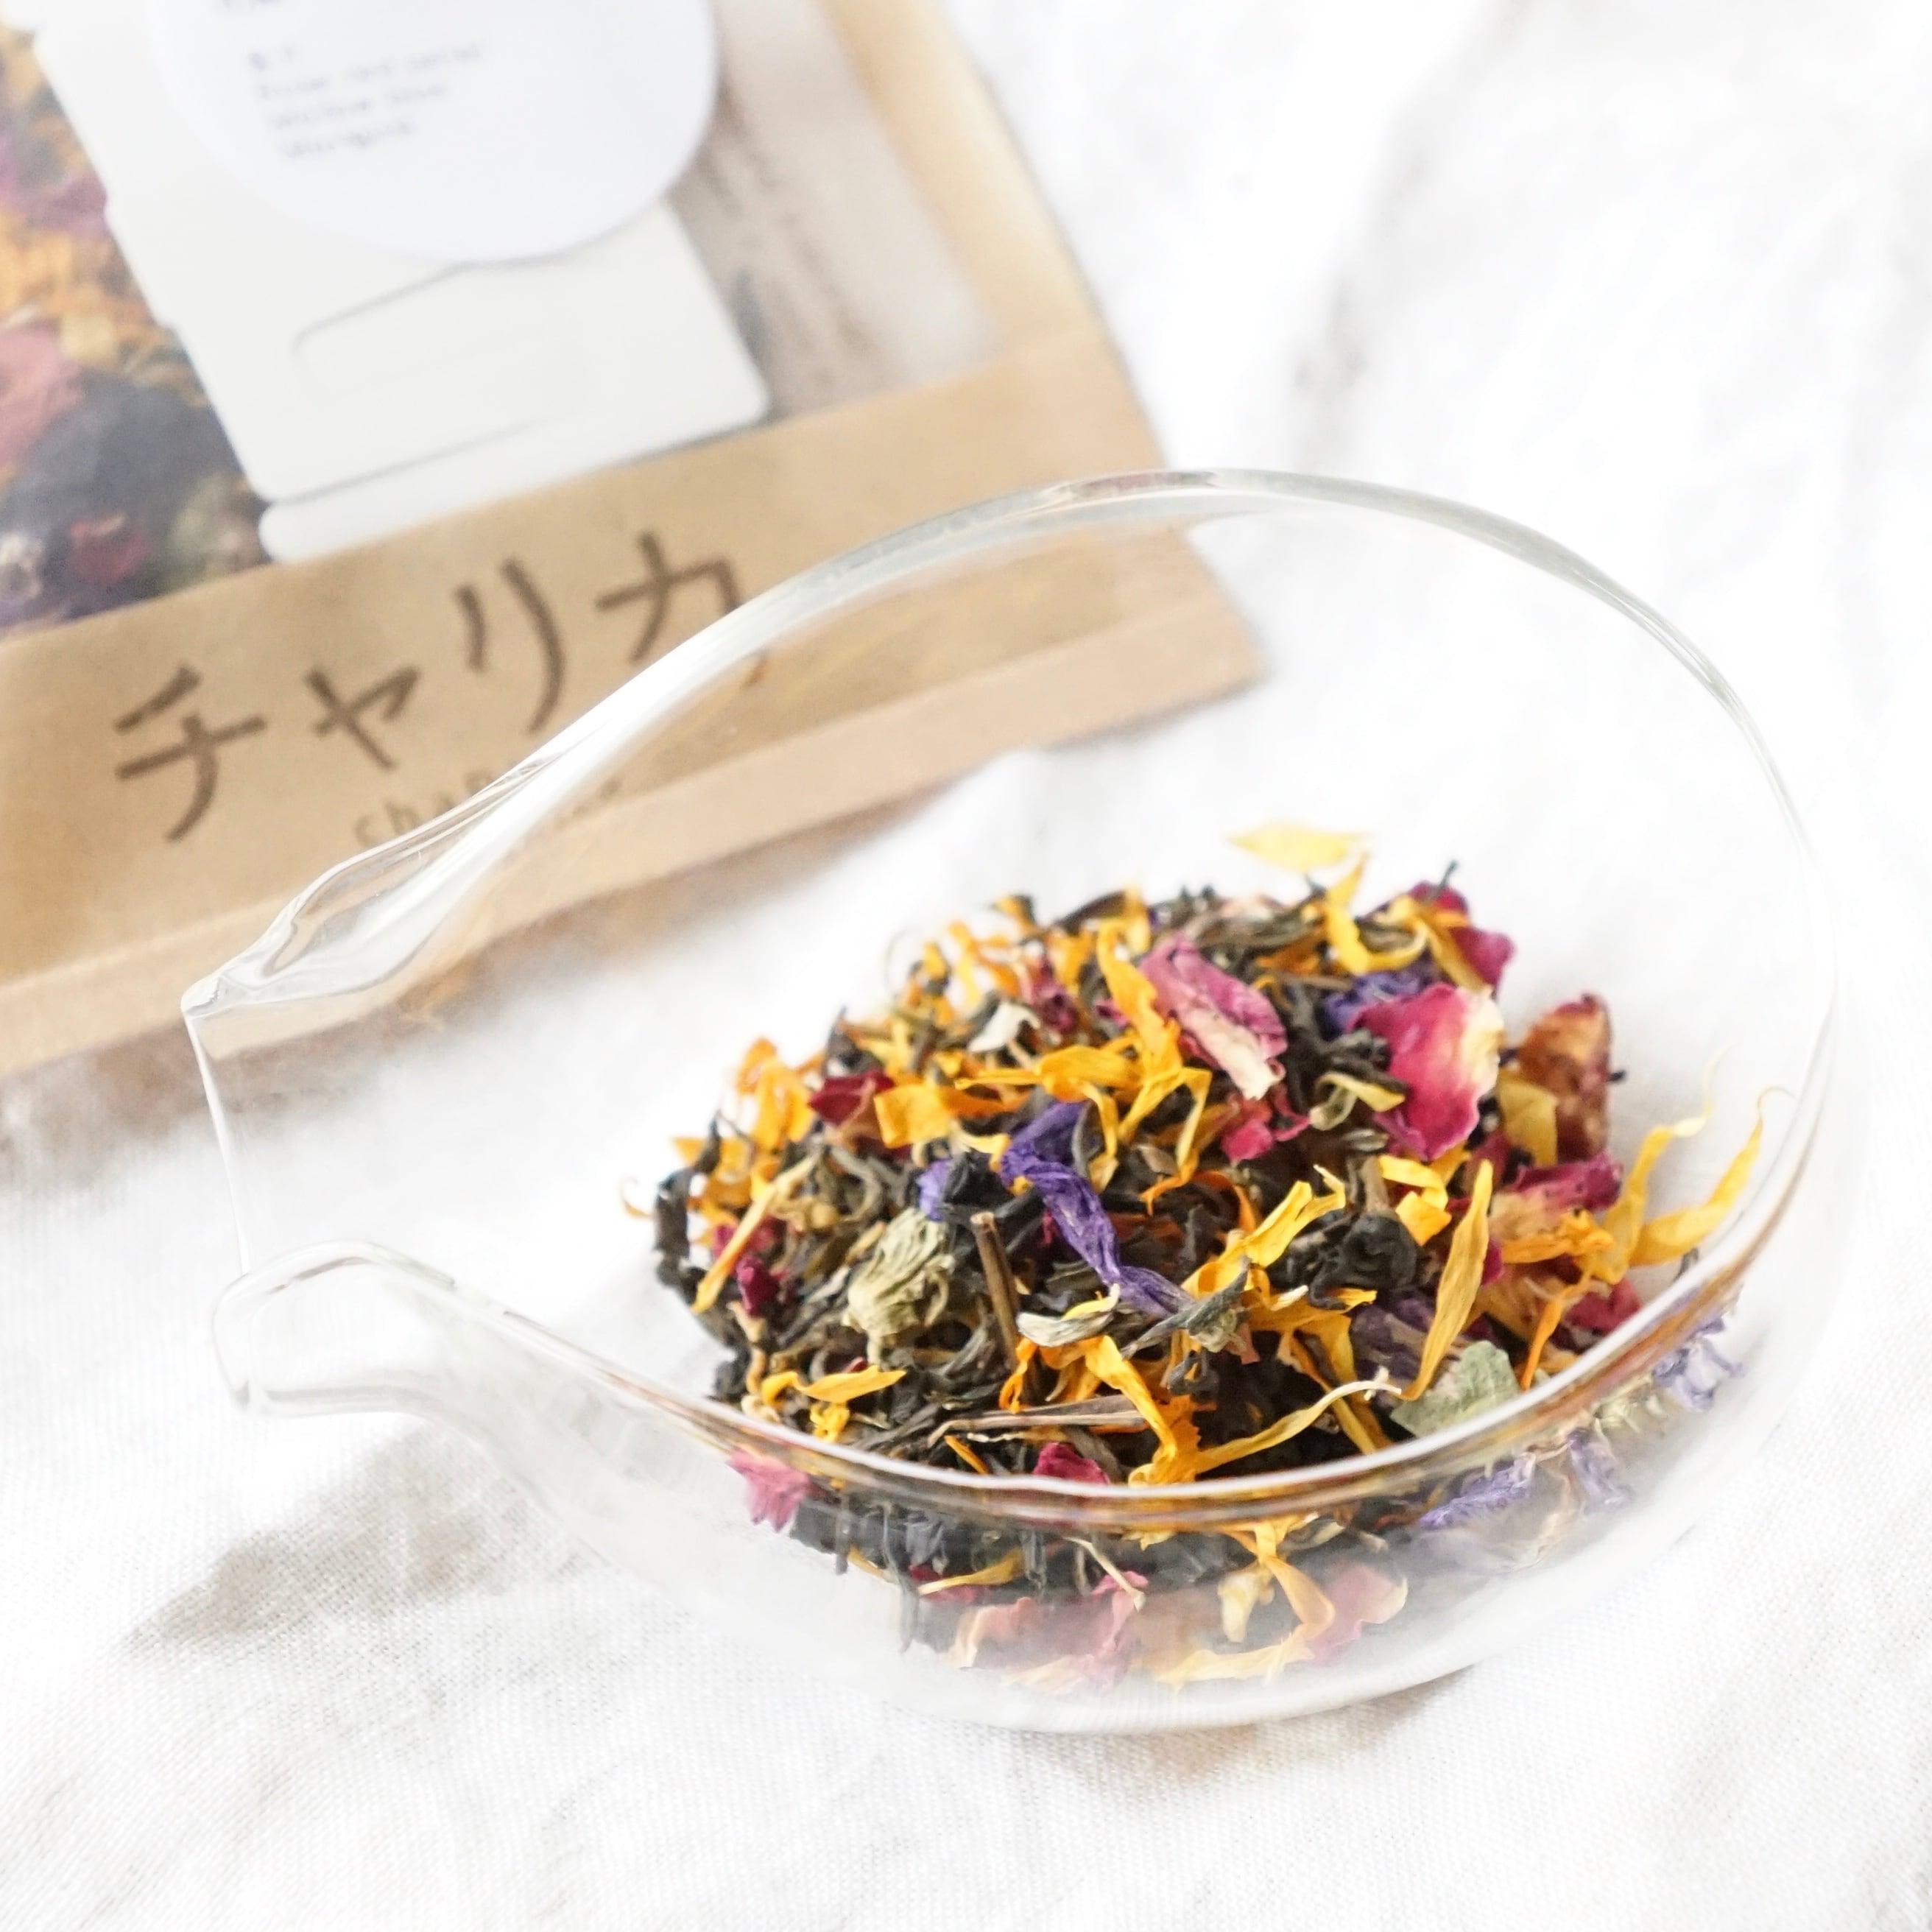 ハーブブレンド茶《花園(ファーユェン)〜flower garden〜》1包入り